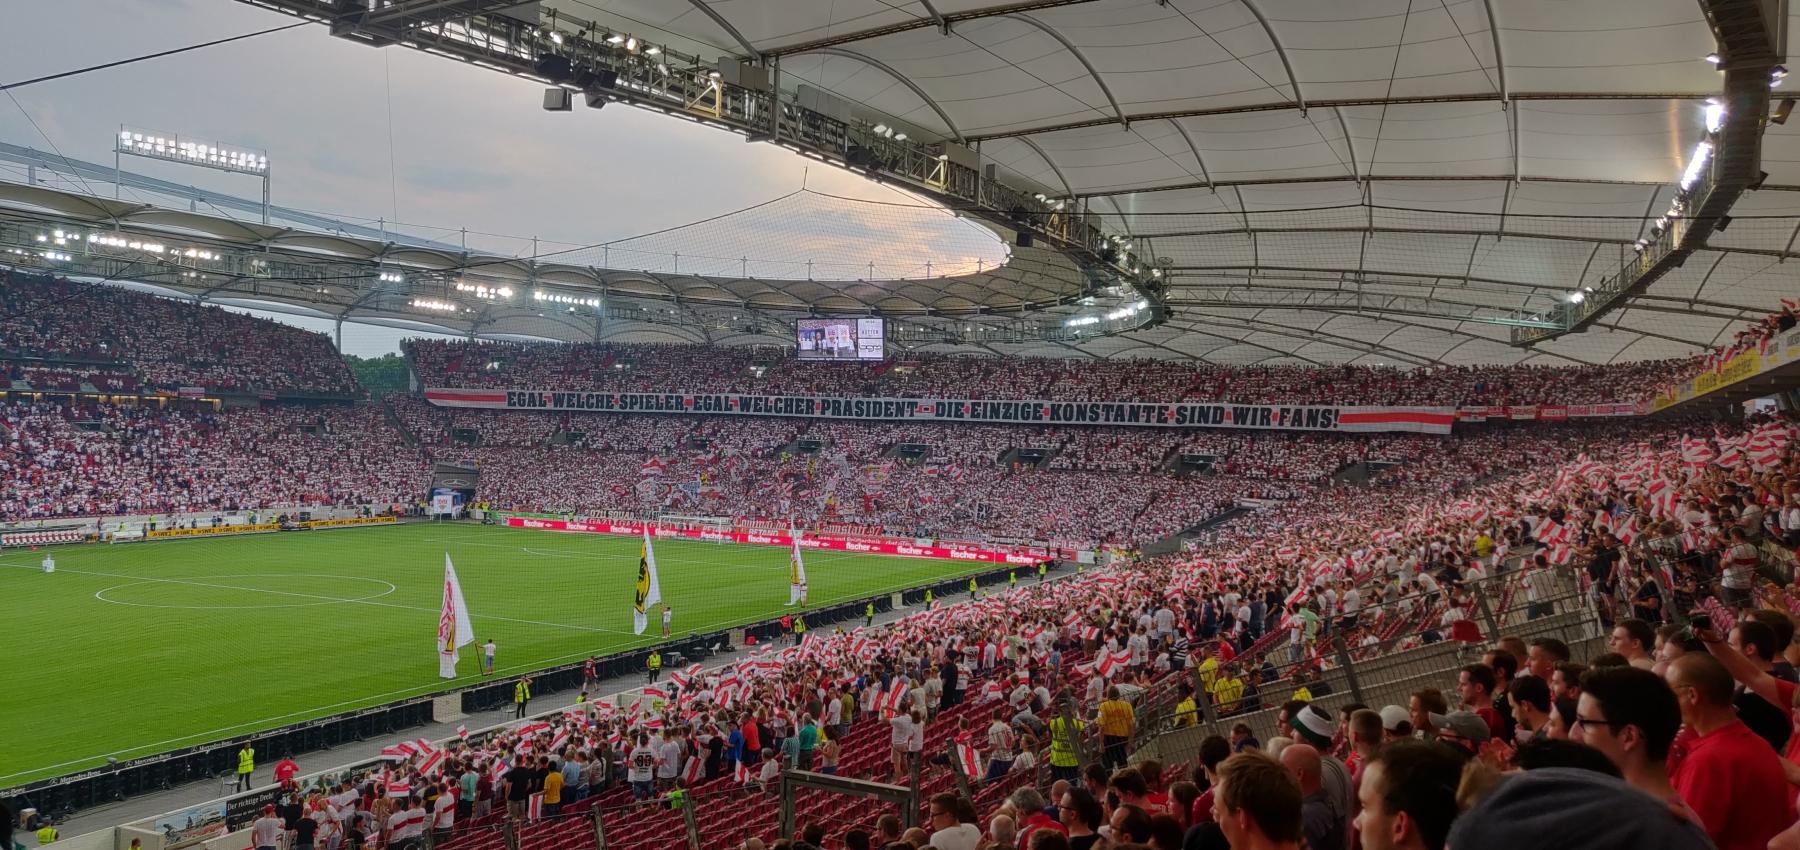 Neckar Stadion